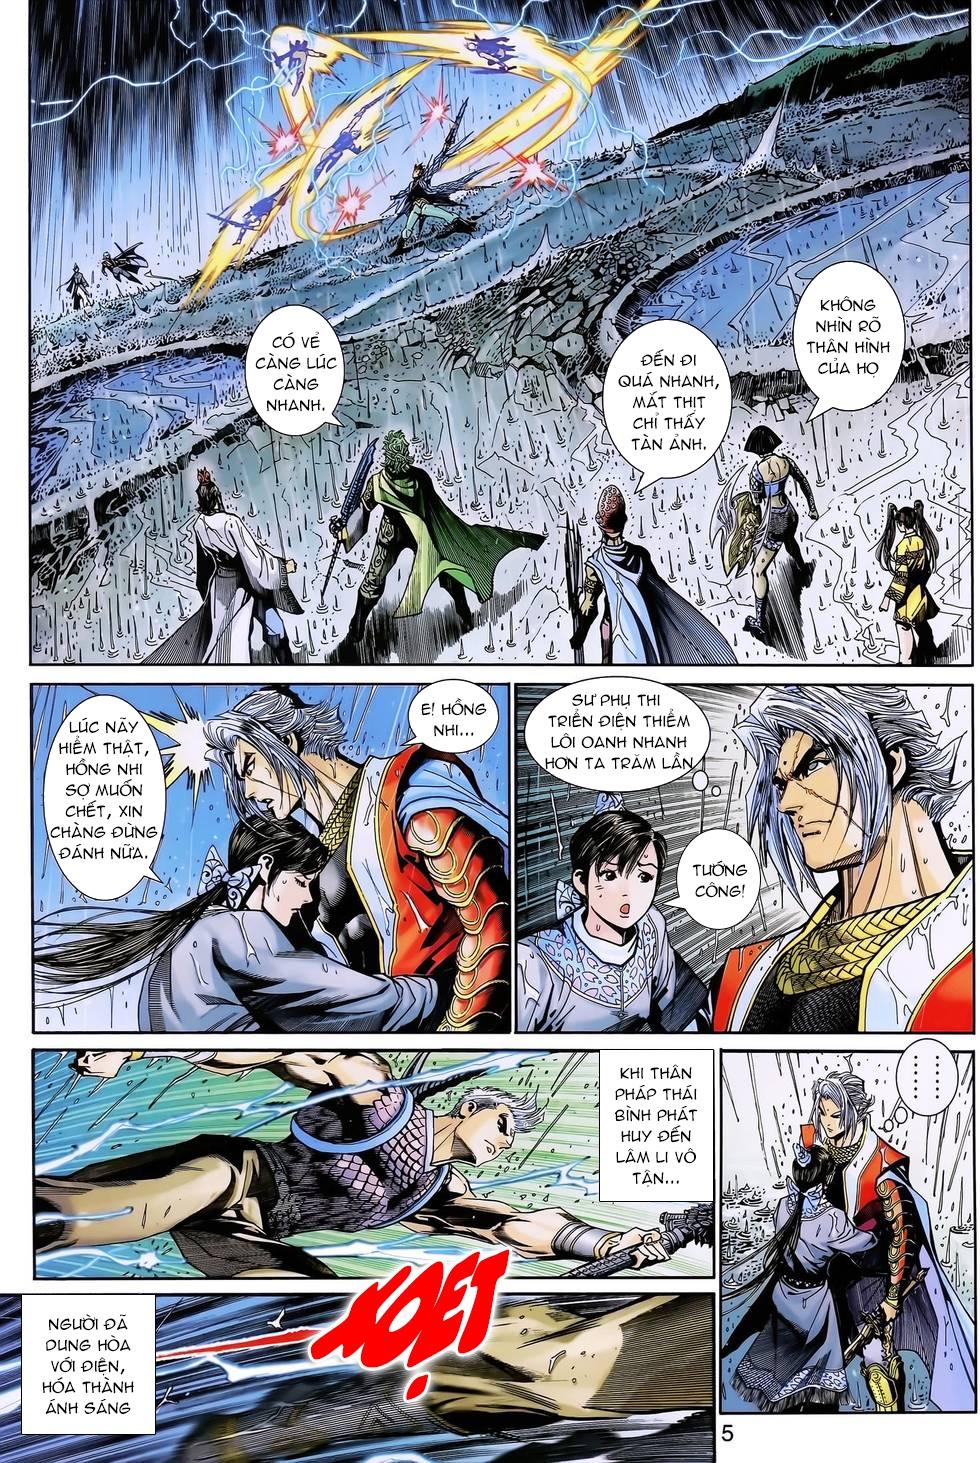 Thần binh huyền kỳ 3 - 3.5 tập 146 - 4